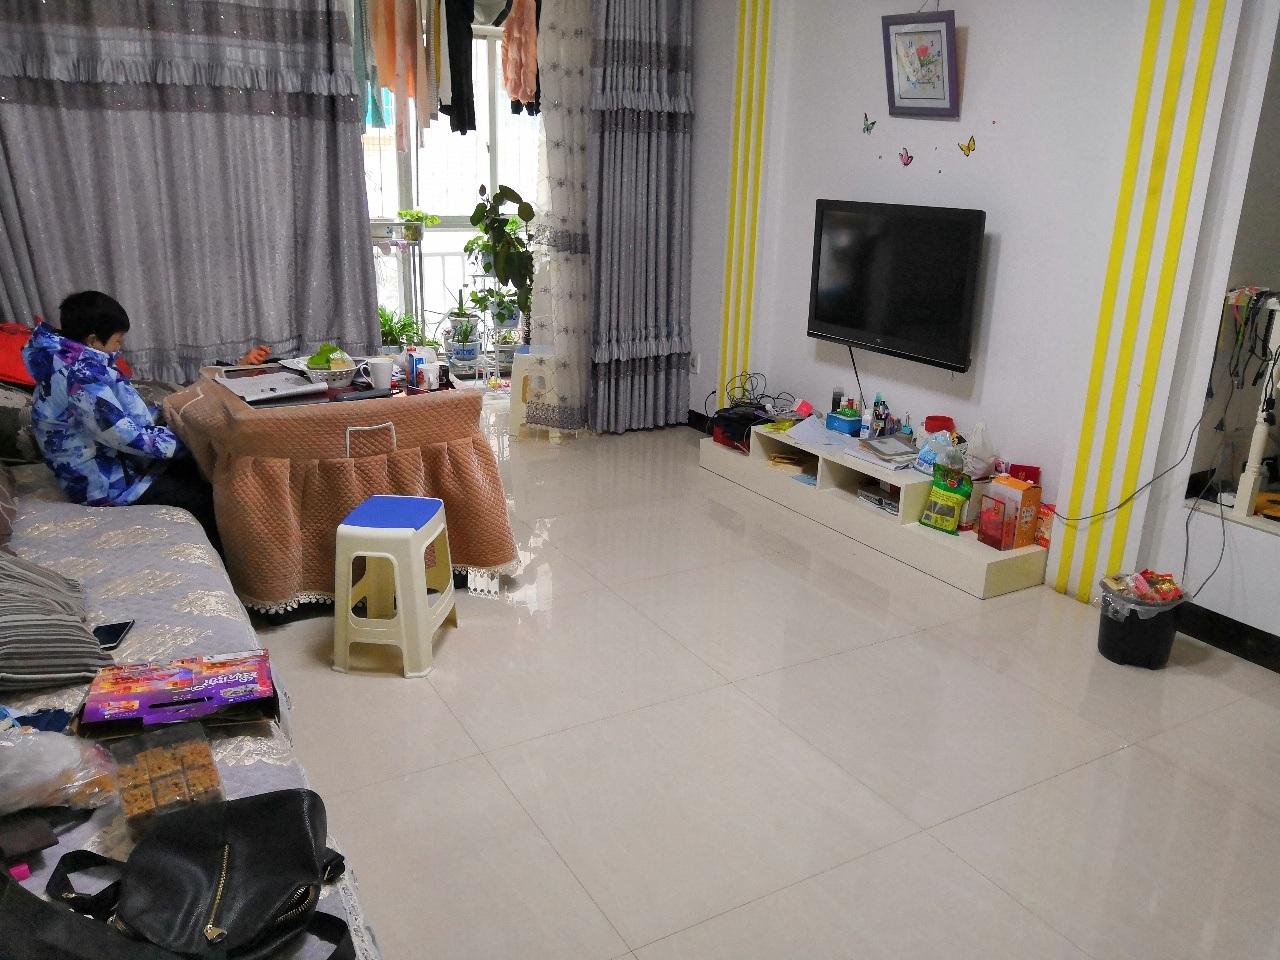 兴阳精装房3室2厅2卫家电家具齐全,黄金楼层,